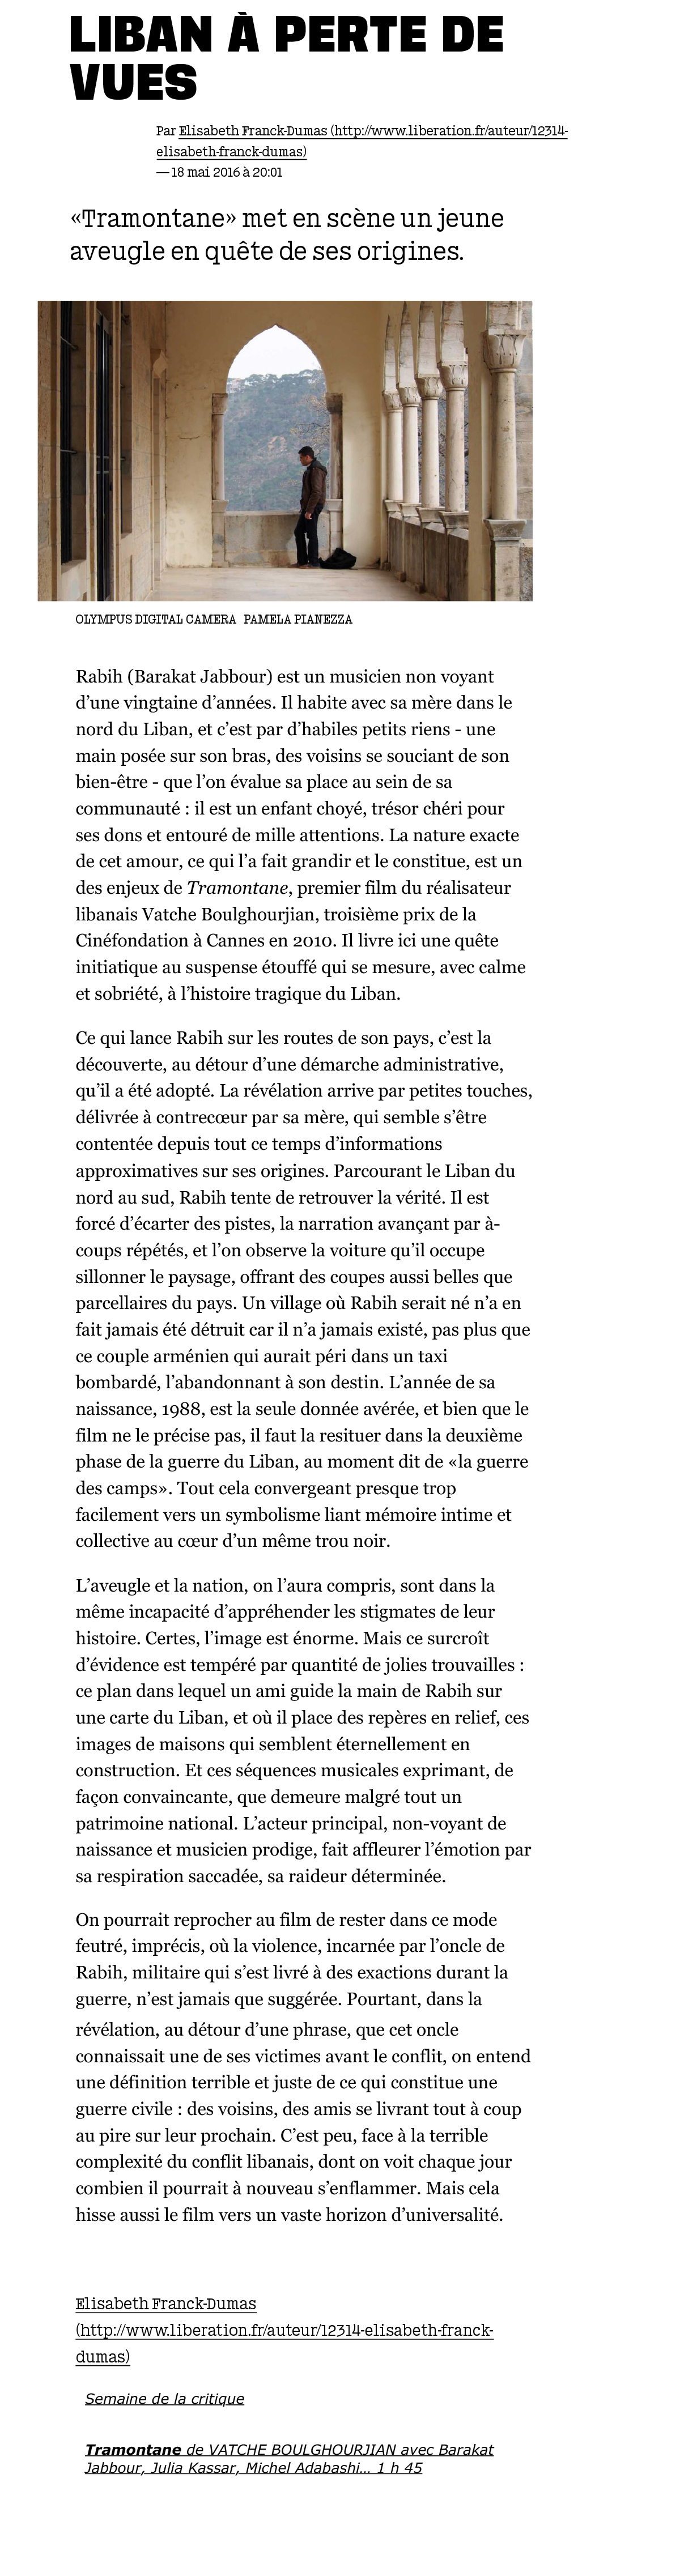 Liberation | Tramontane